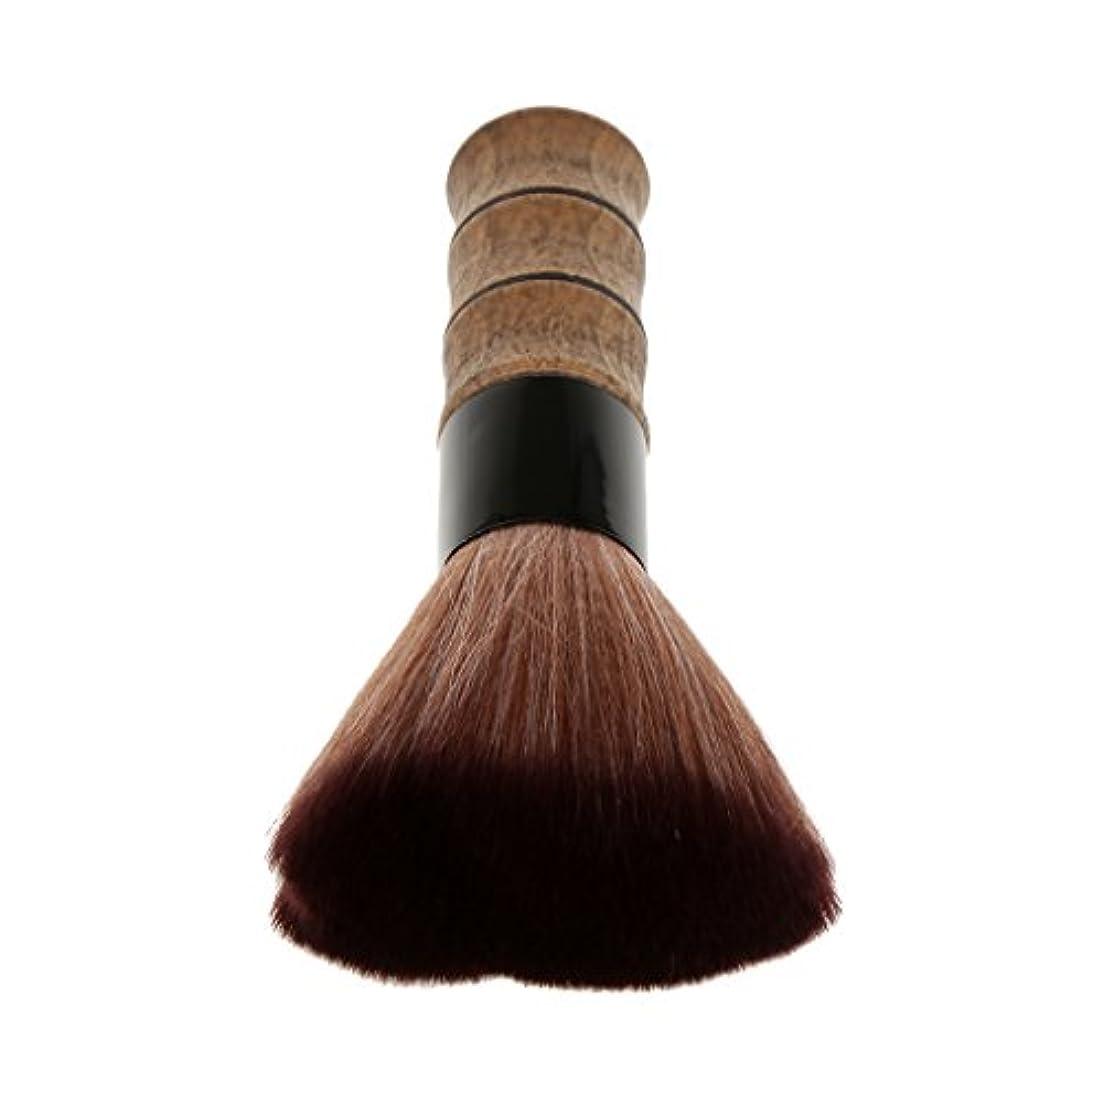 代理店虚弱精神医学顔の首の毛の切断の塵の剃るブラシの顔の赤面の粉の構造のブラシ - 褐色